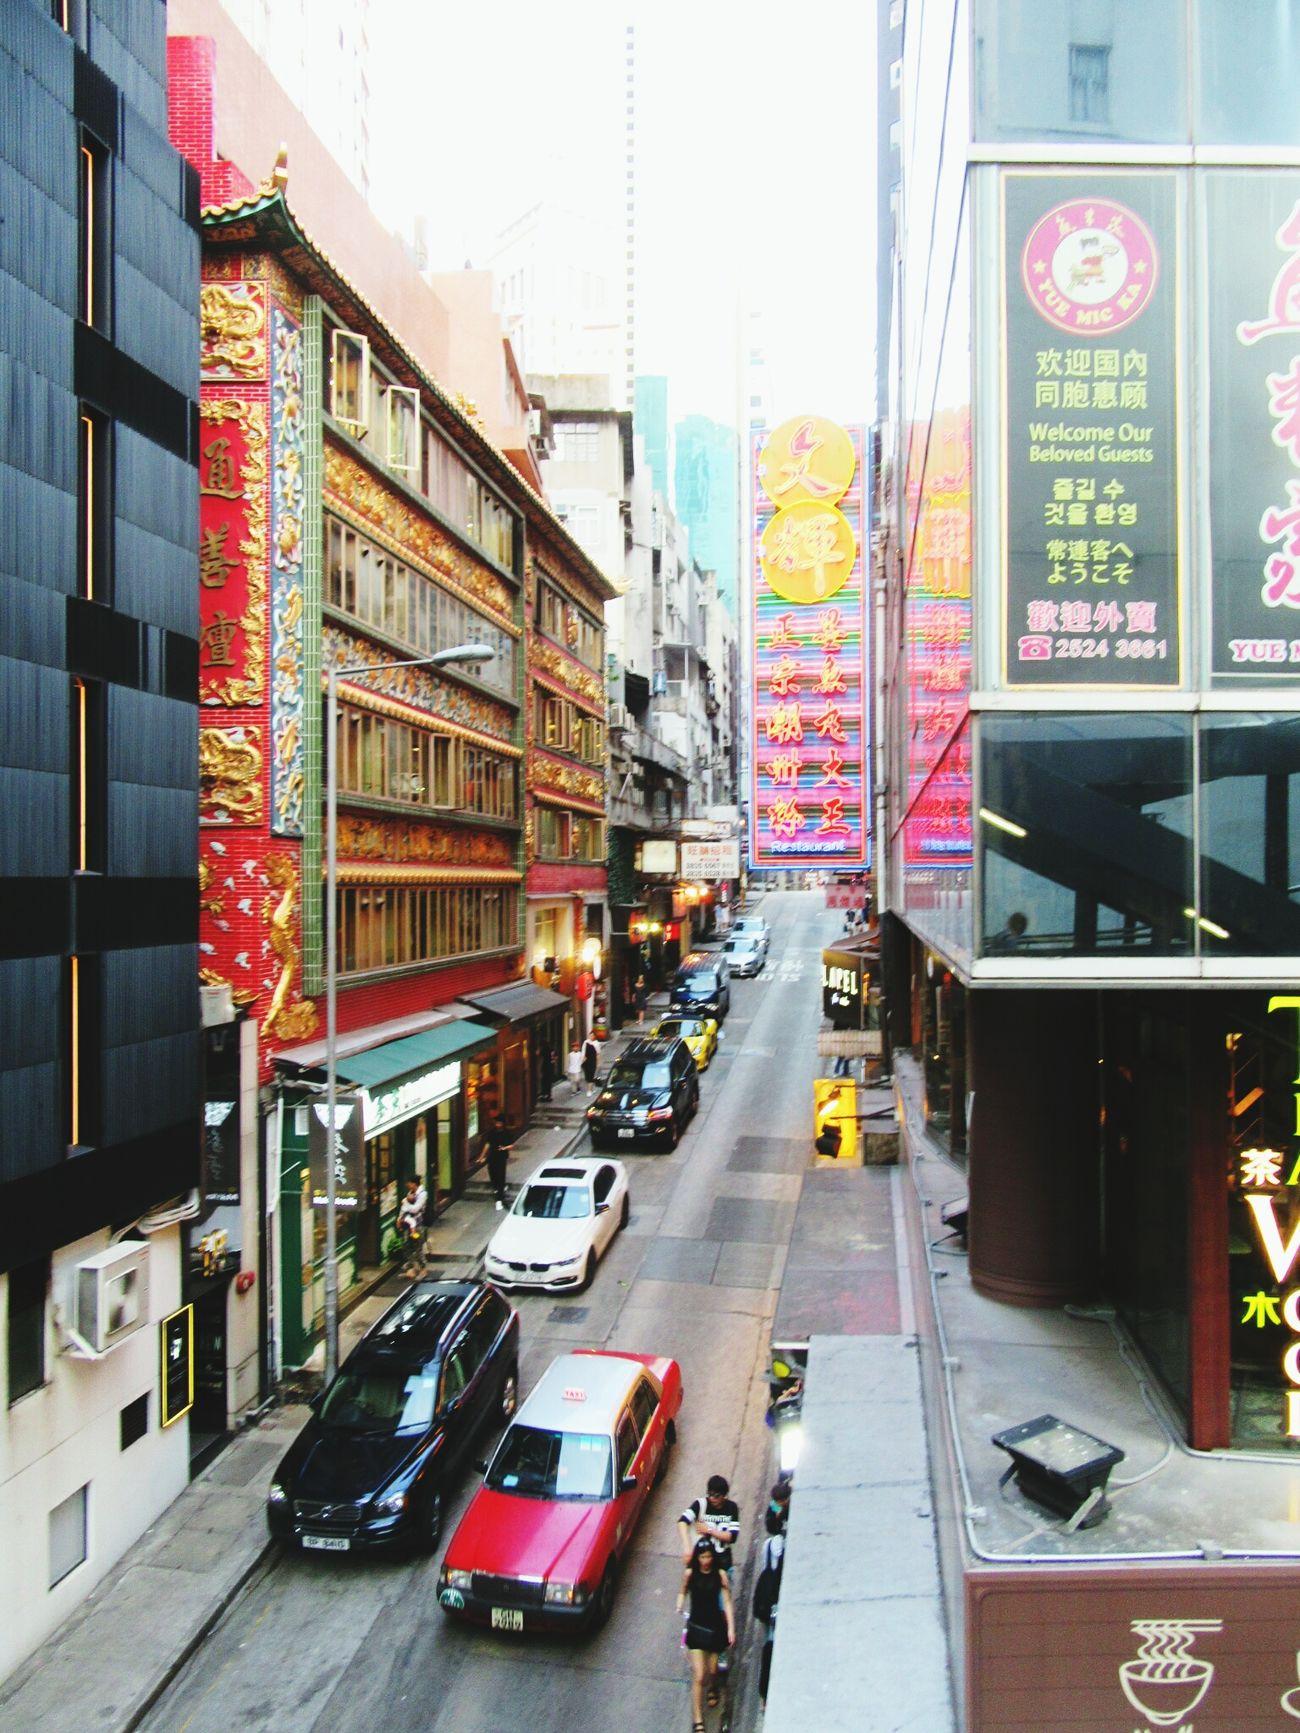 Street Photography Hongkongcity Hongkongphotography HongKong Hongkongcollection Hongkonglife Hong Kong City The Street Photographer - 2017 EyeEm Awards Hongkongstreet